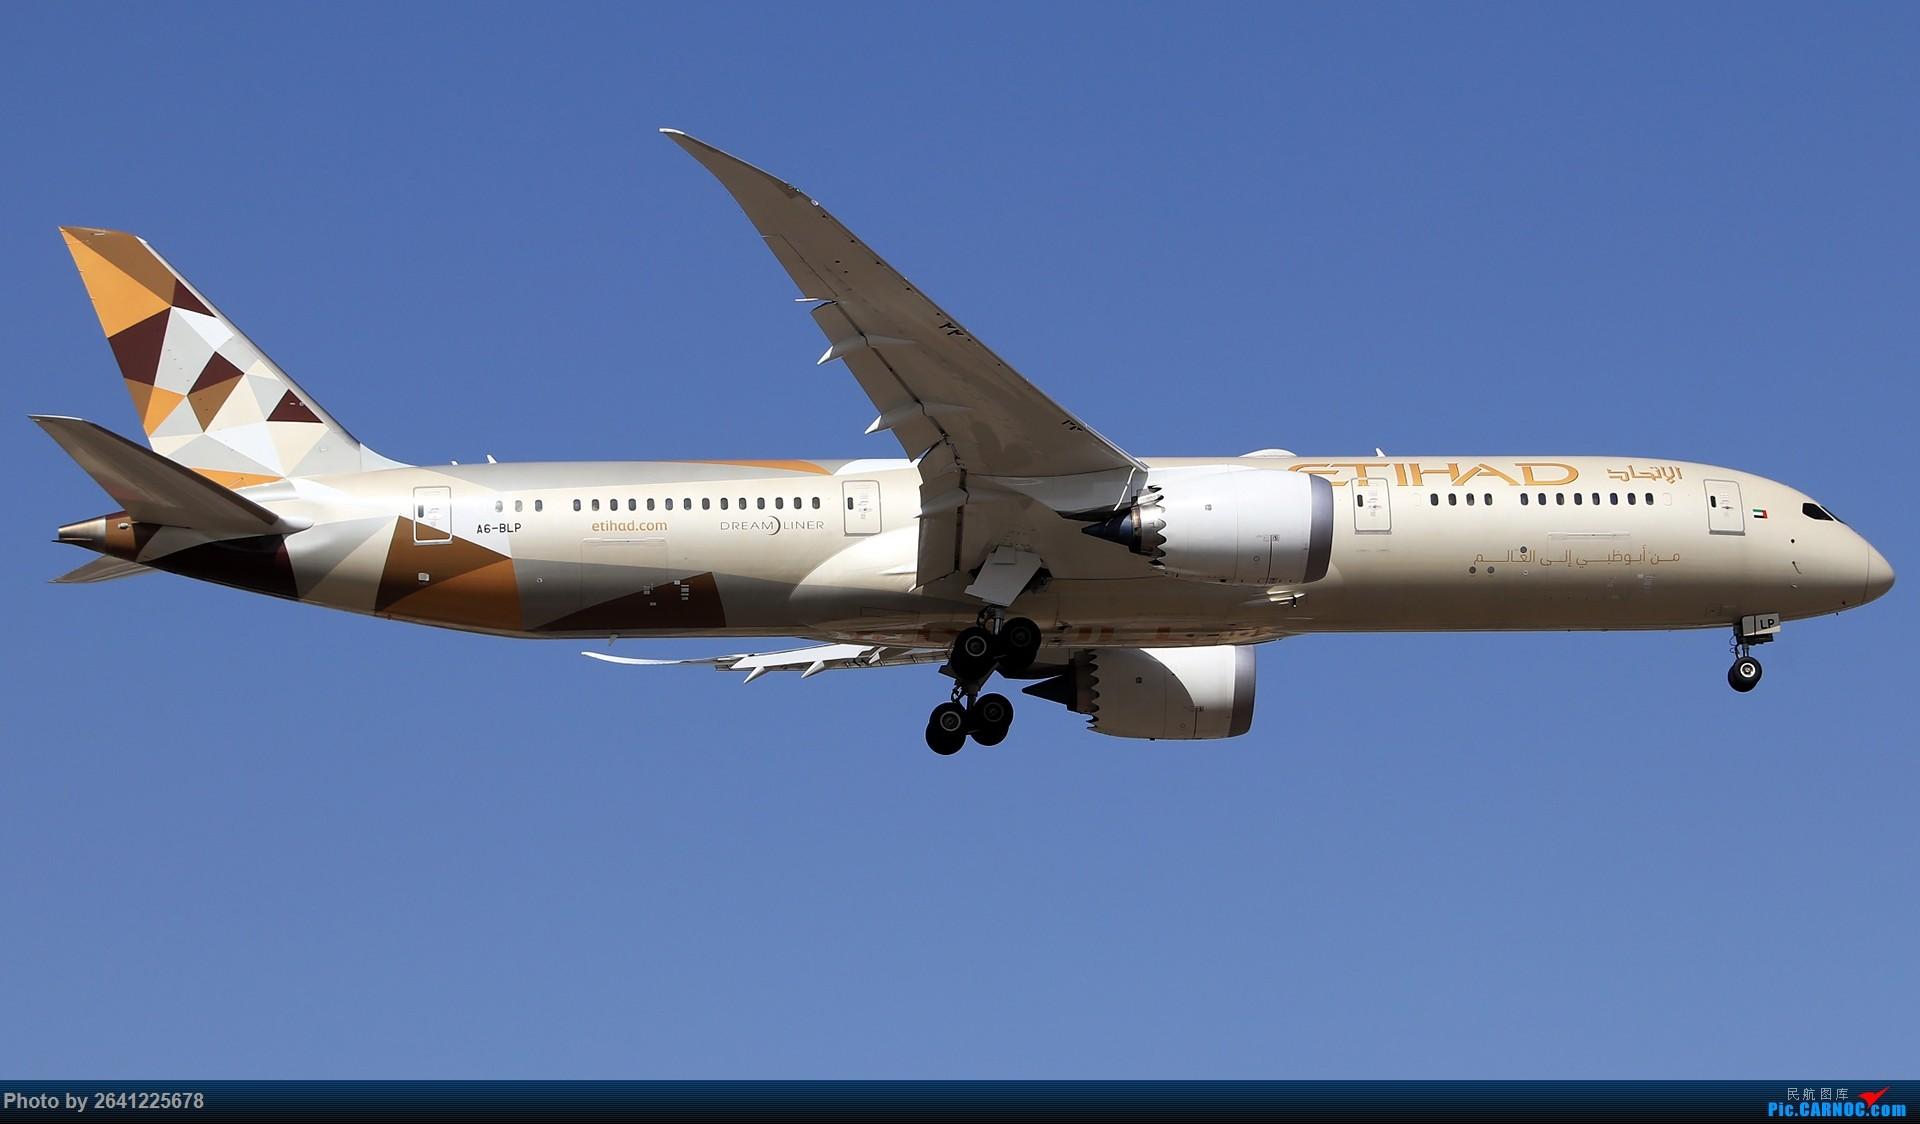 [原创]【测评】腾龙70-210mm F/4 (A034)试拍 BOEING 787-9 A6-BLP 中国北京首都国际机场